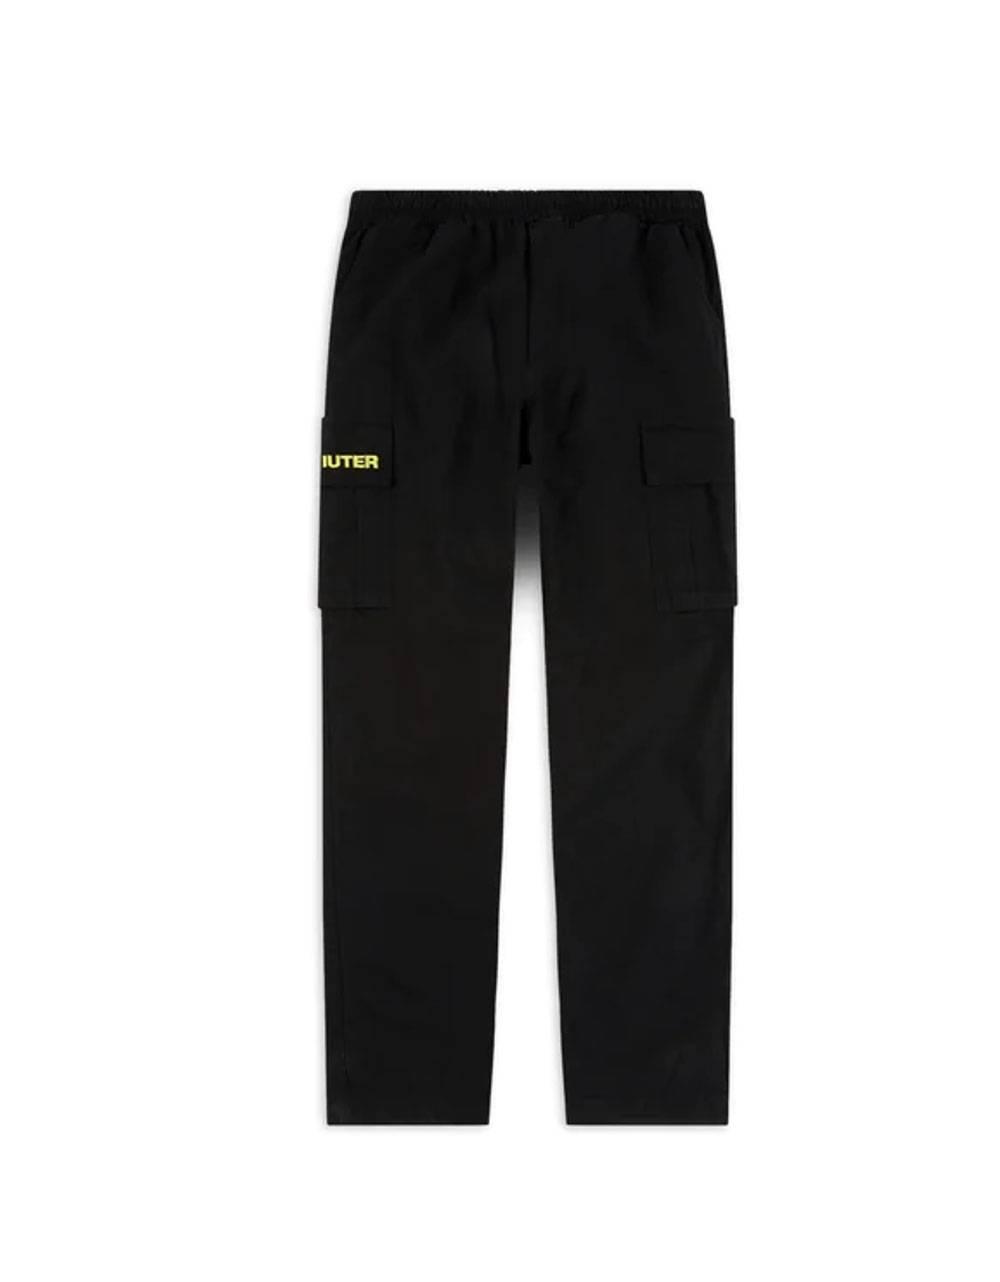 Iuter Cargo ripstop pants - Black IUTER Pant 89,34€